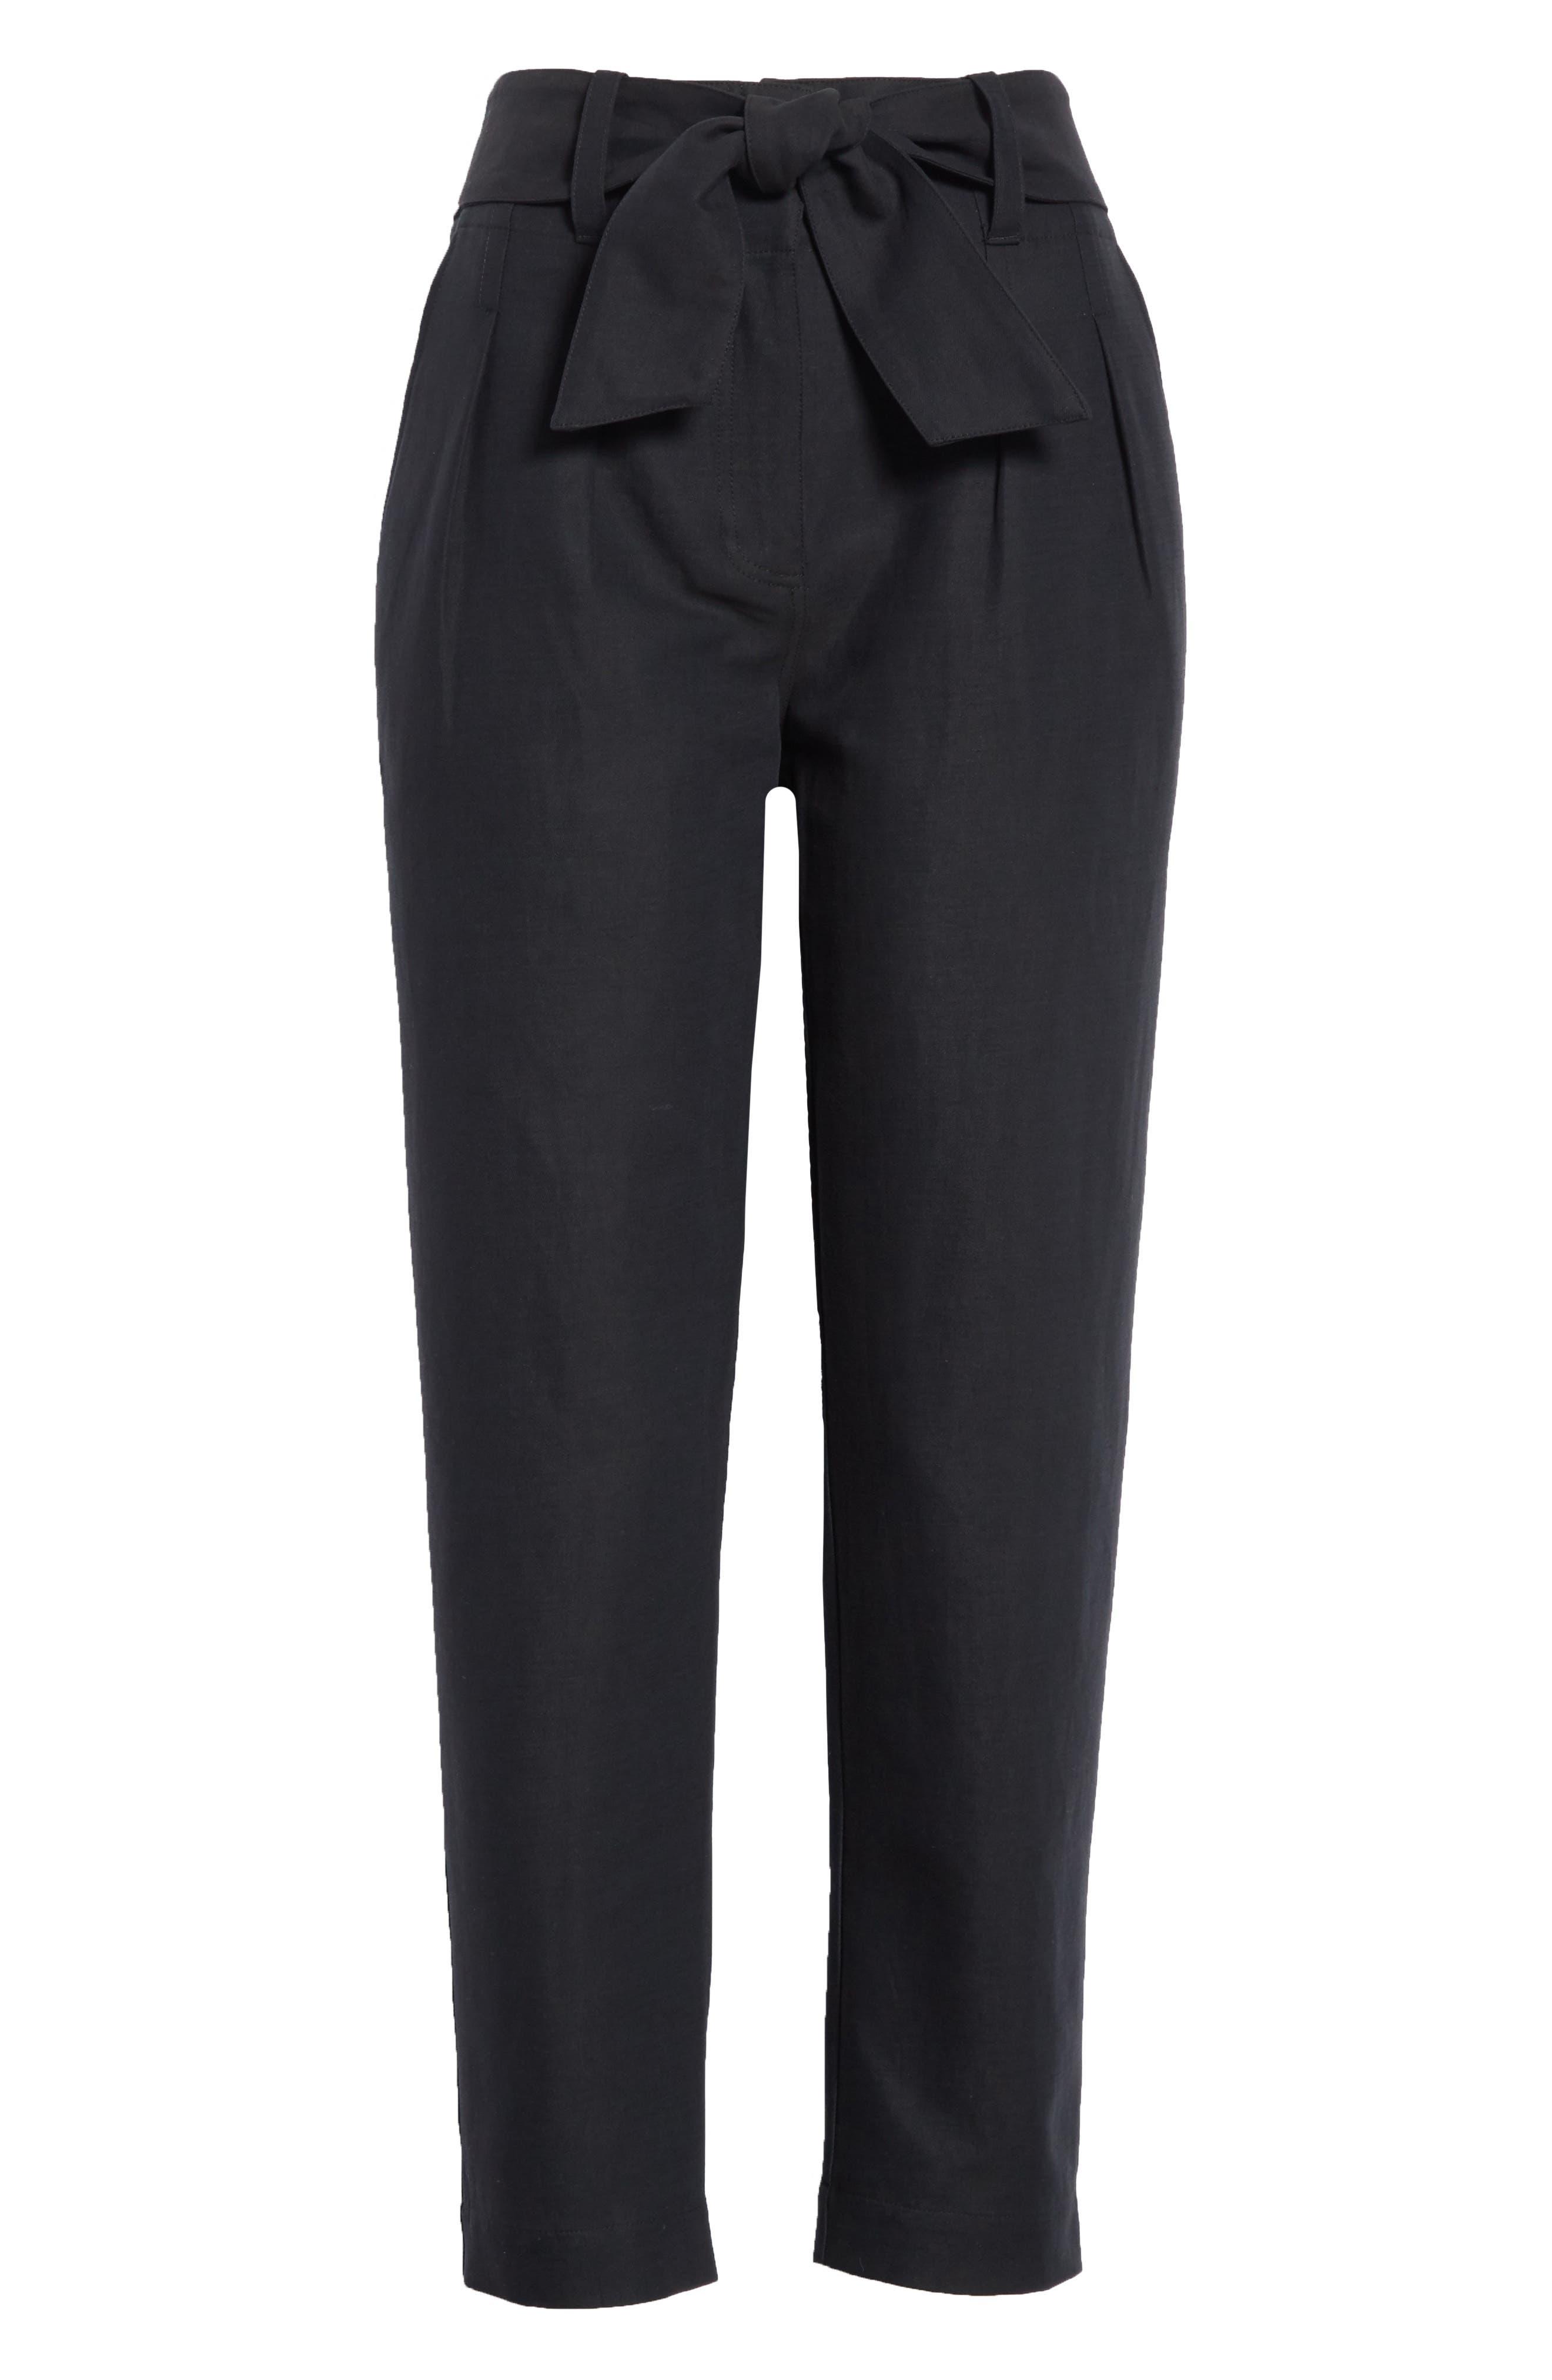 Jun Cotton & Linen Ankle Pants,                             Alternate thumbnail 6, color,                             Caviar